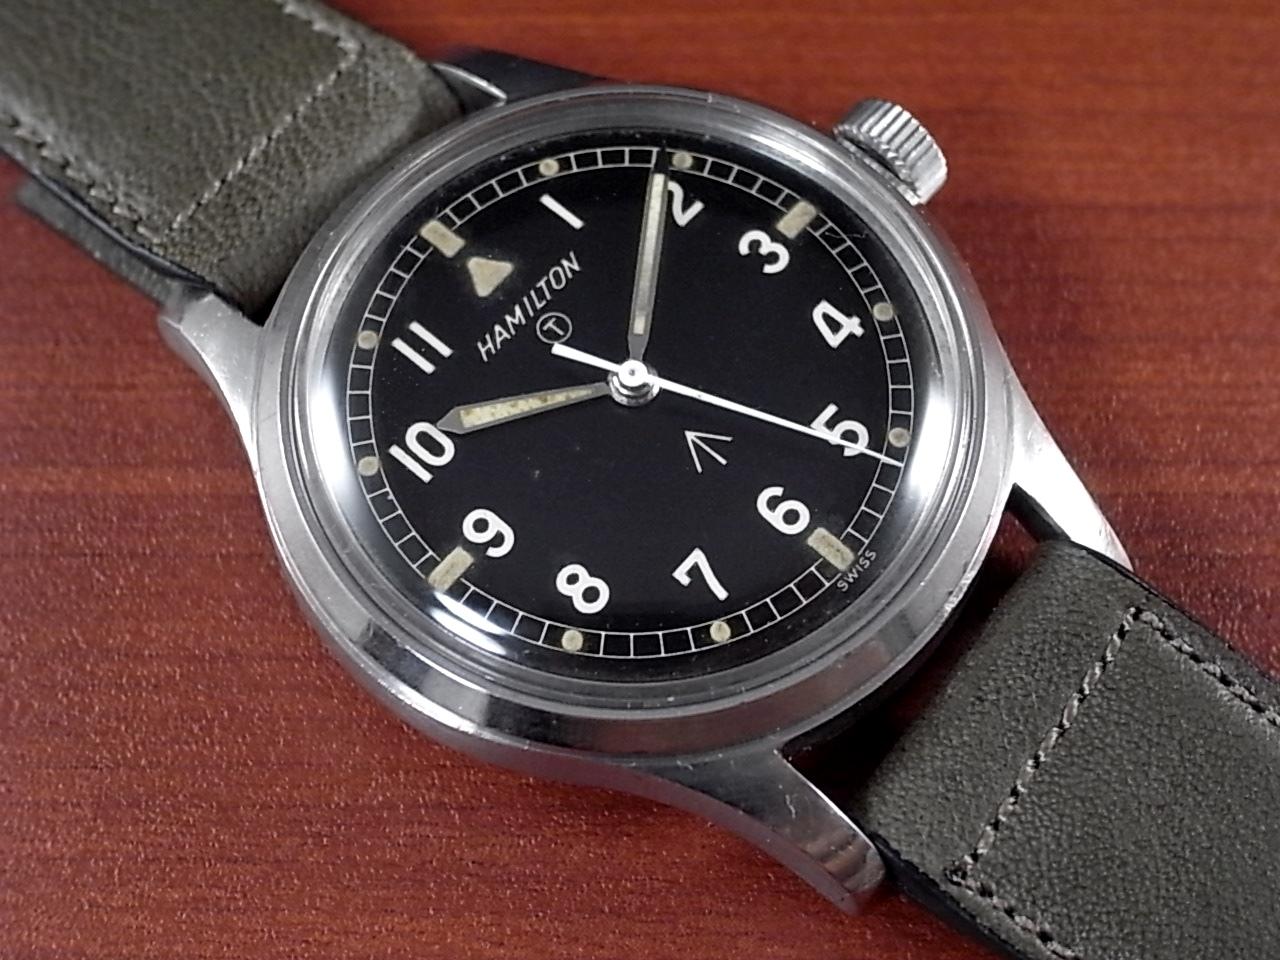 ハミルトン 軍用時計 ロイヤルエアフォース ラウンド 6B 1960年代のメイン写真